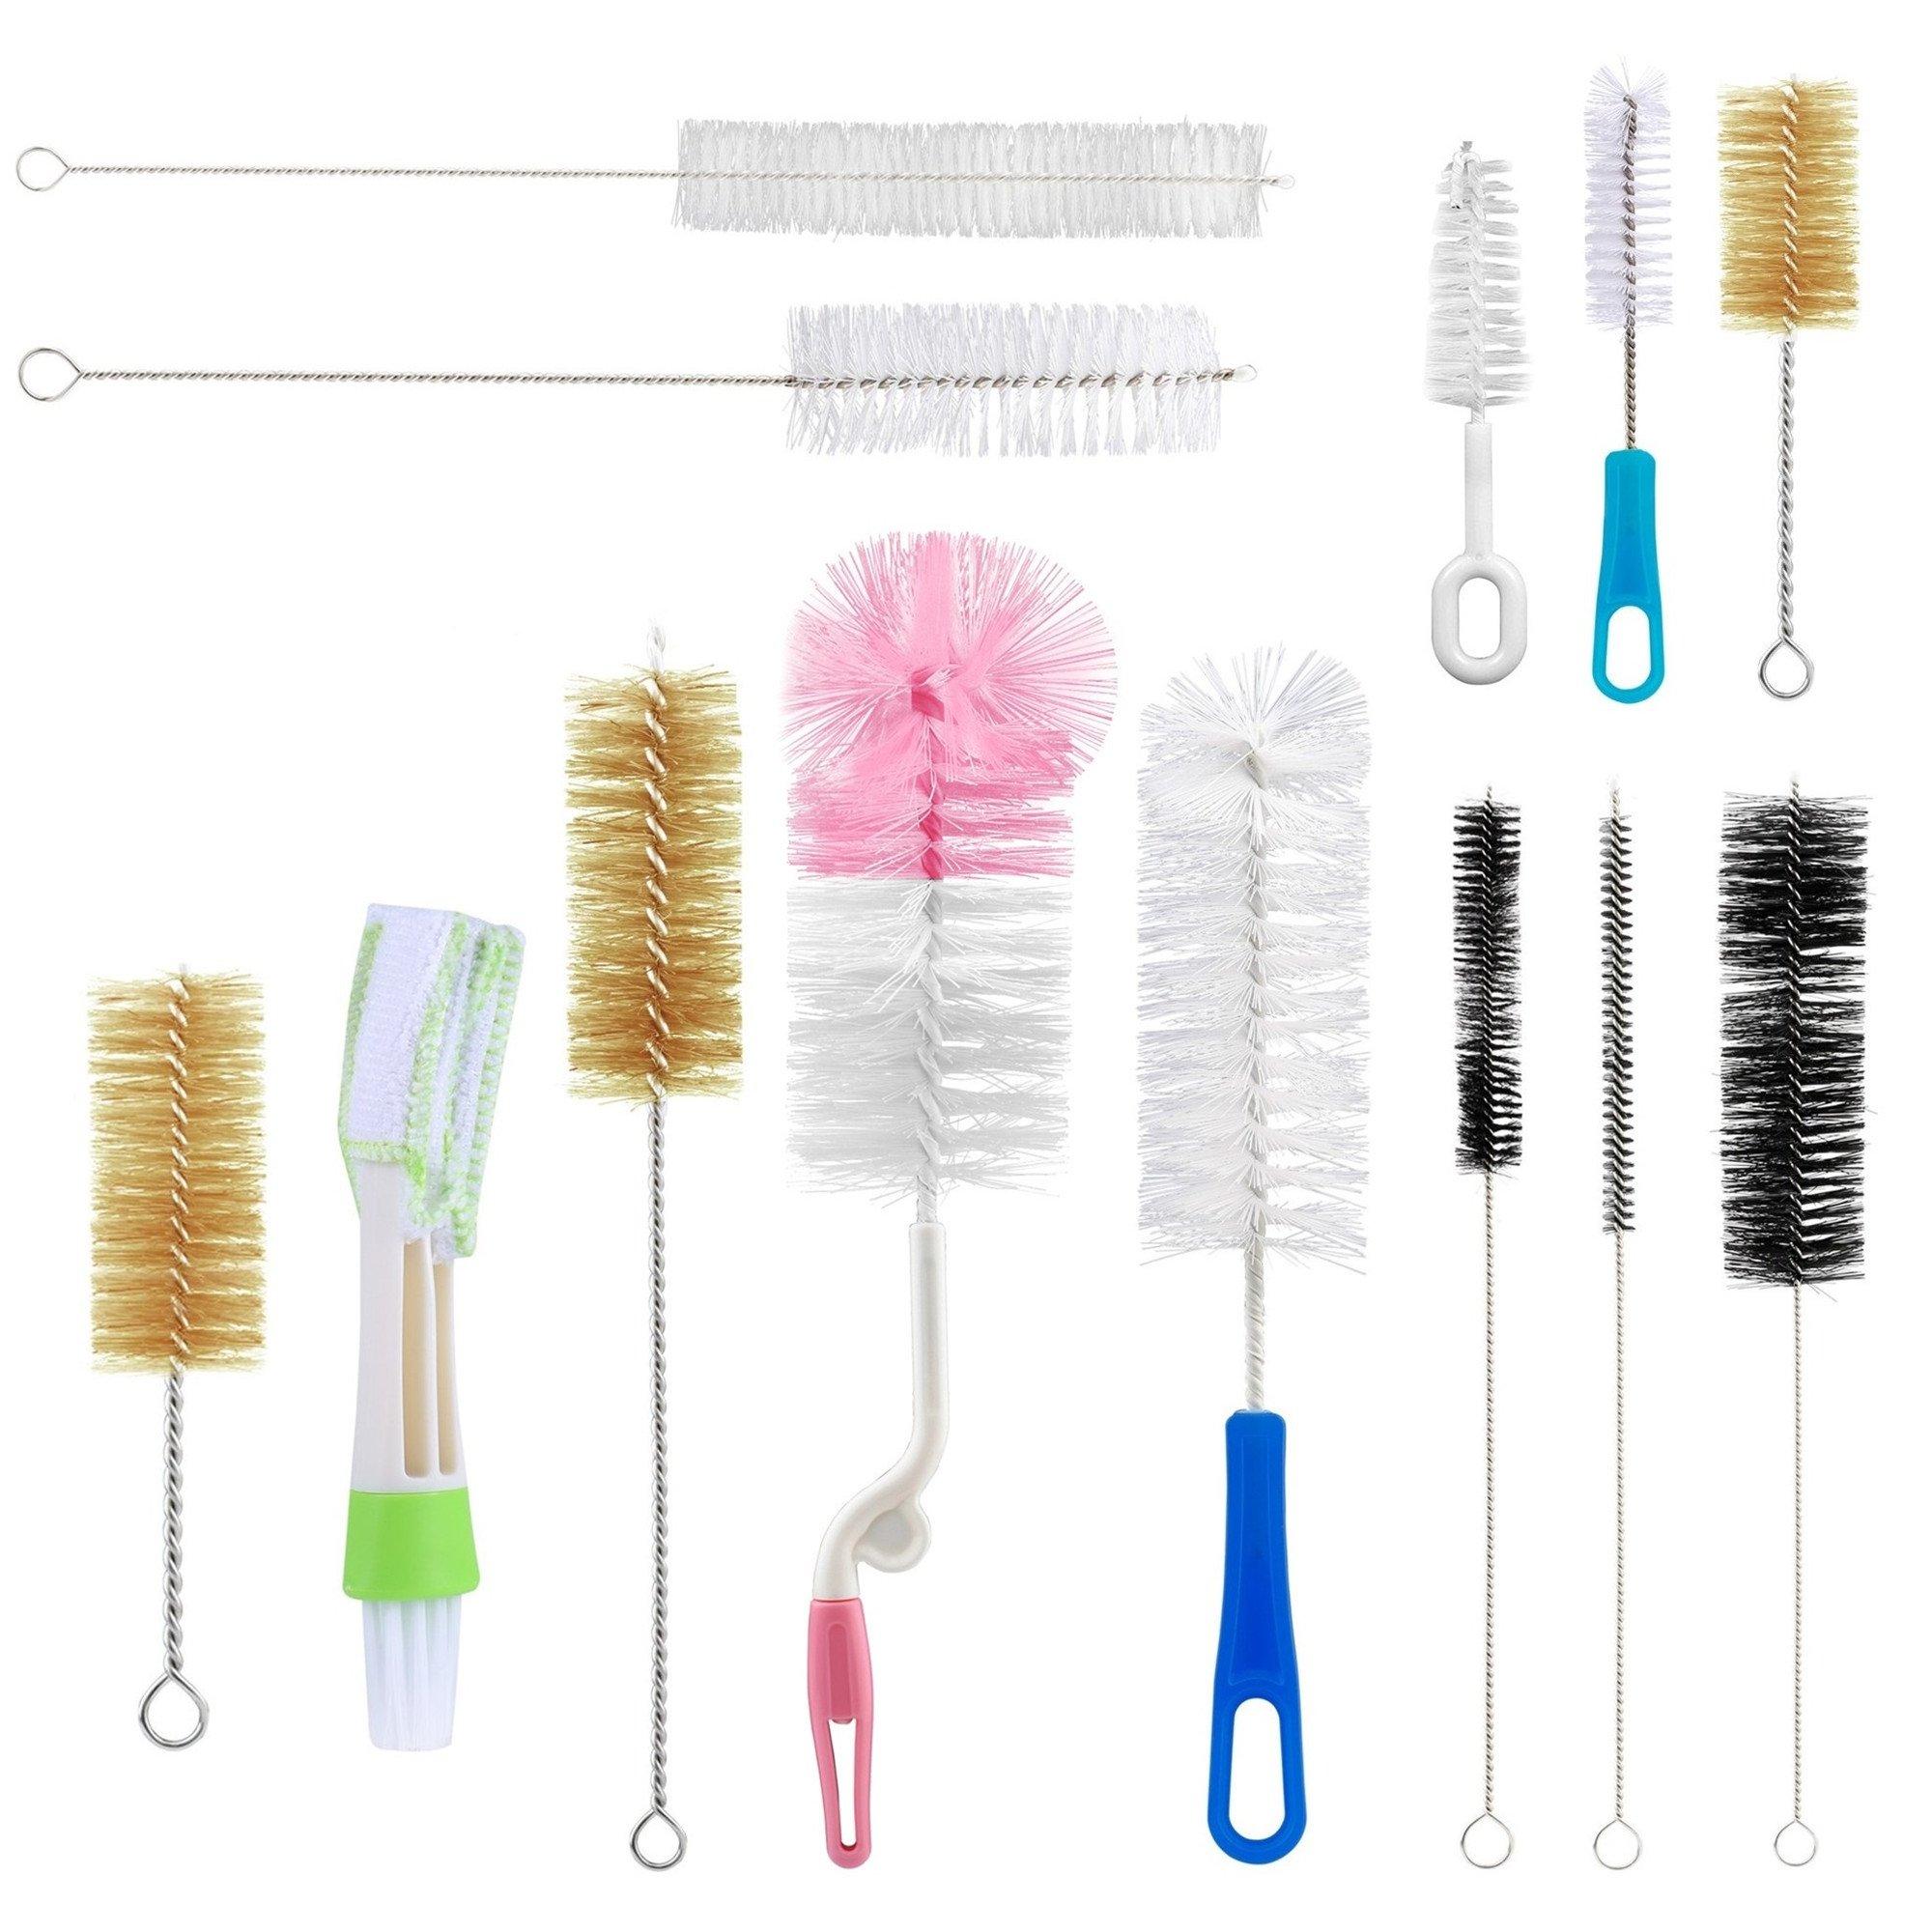 Yoassi 13Pc Food Grade Multipurpose Cleaning Brush Set, Includes Straw Brush|Nipple Cleaner|Bottle Brush|Blind Duster|Pipe Cleaner, Small,Long,Soft,Stiff Kit for Baby Bottles,Tubes,Jars,Bird Feeder